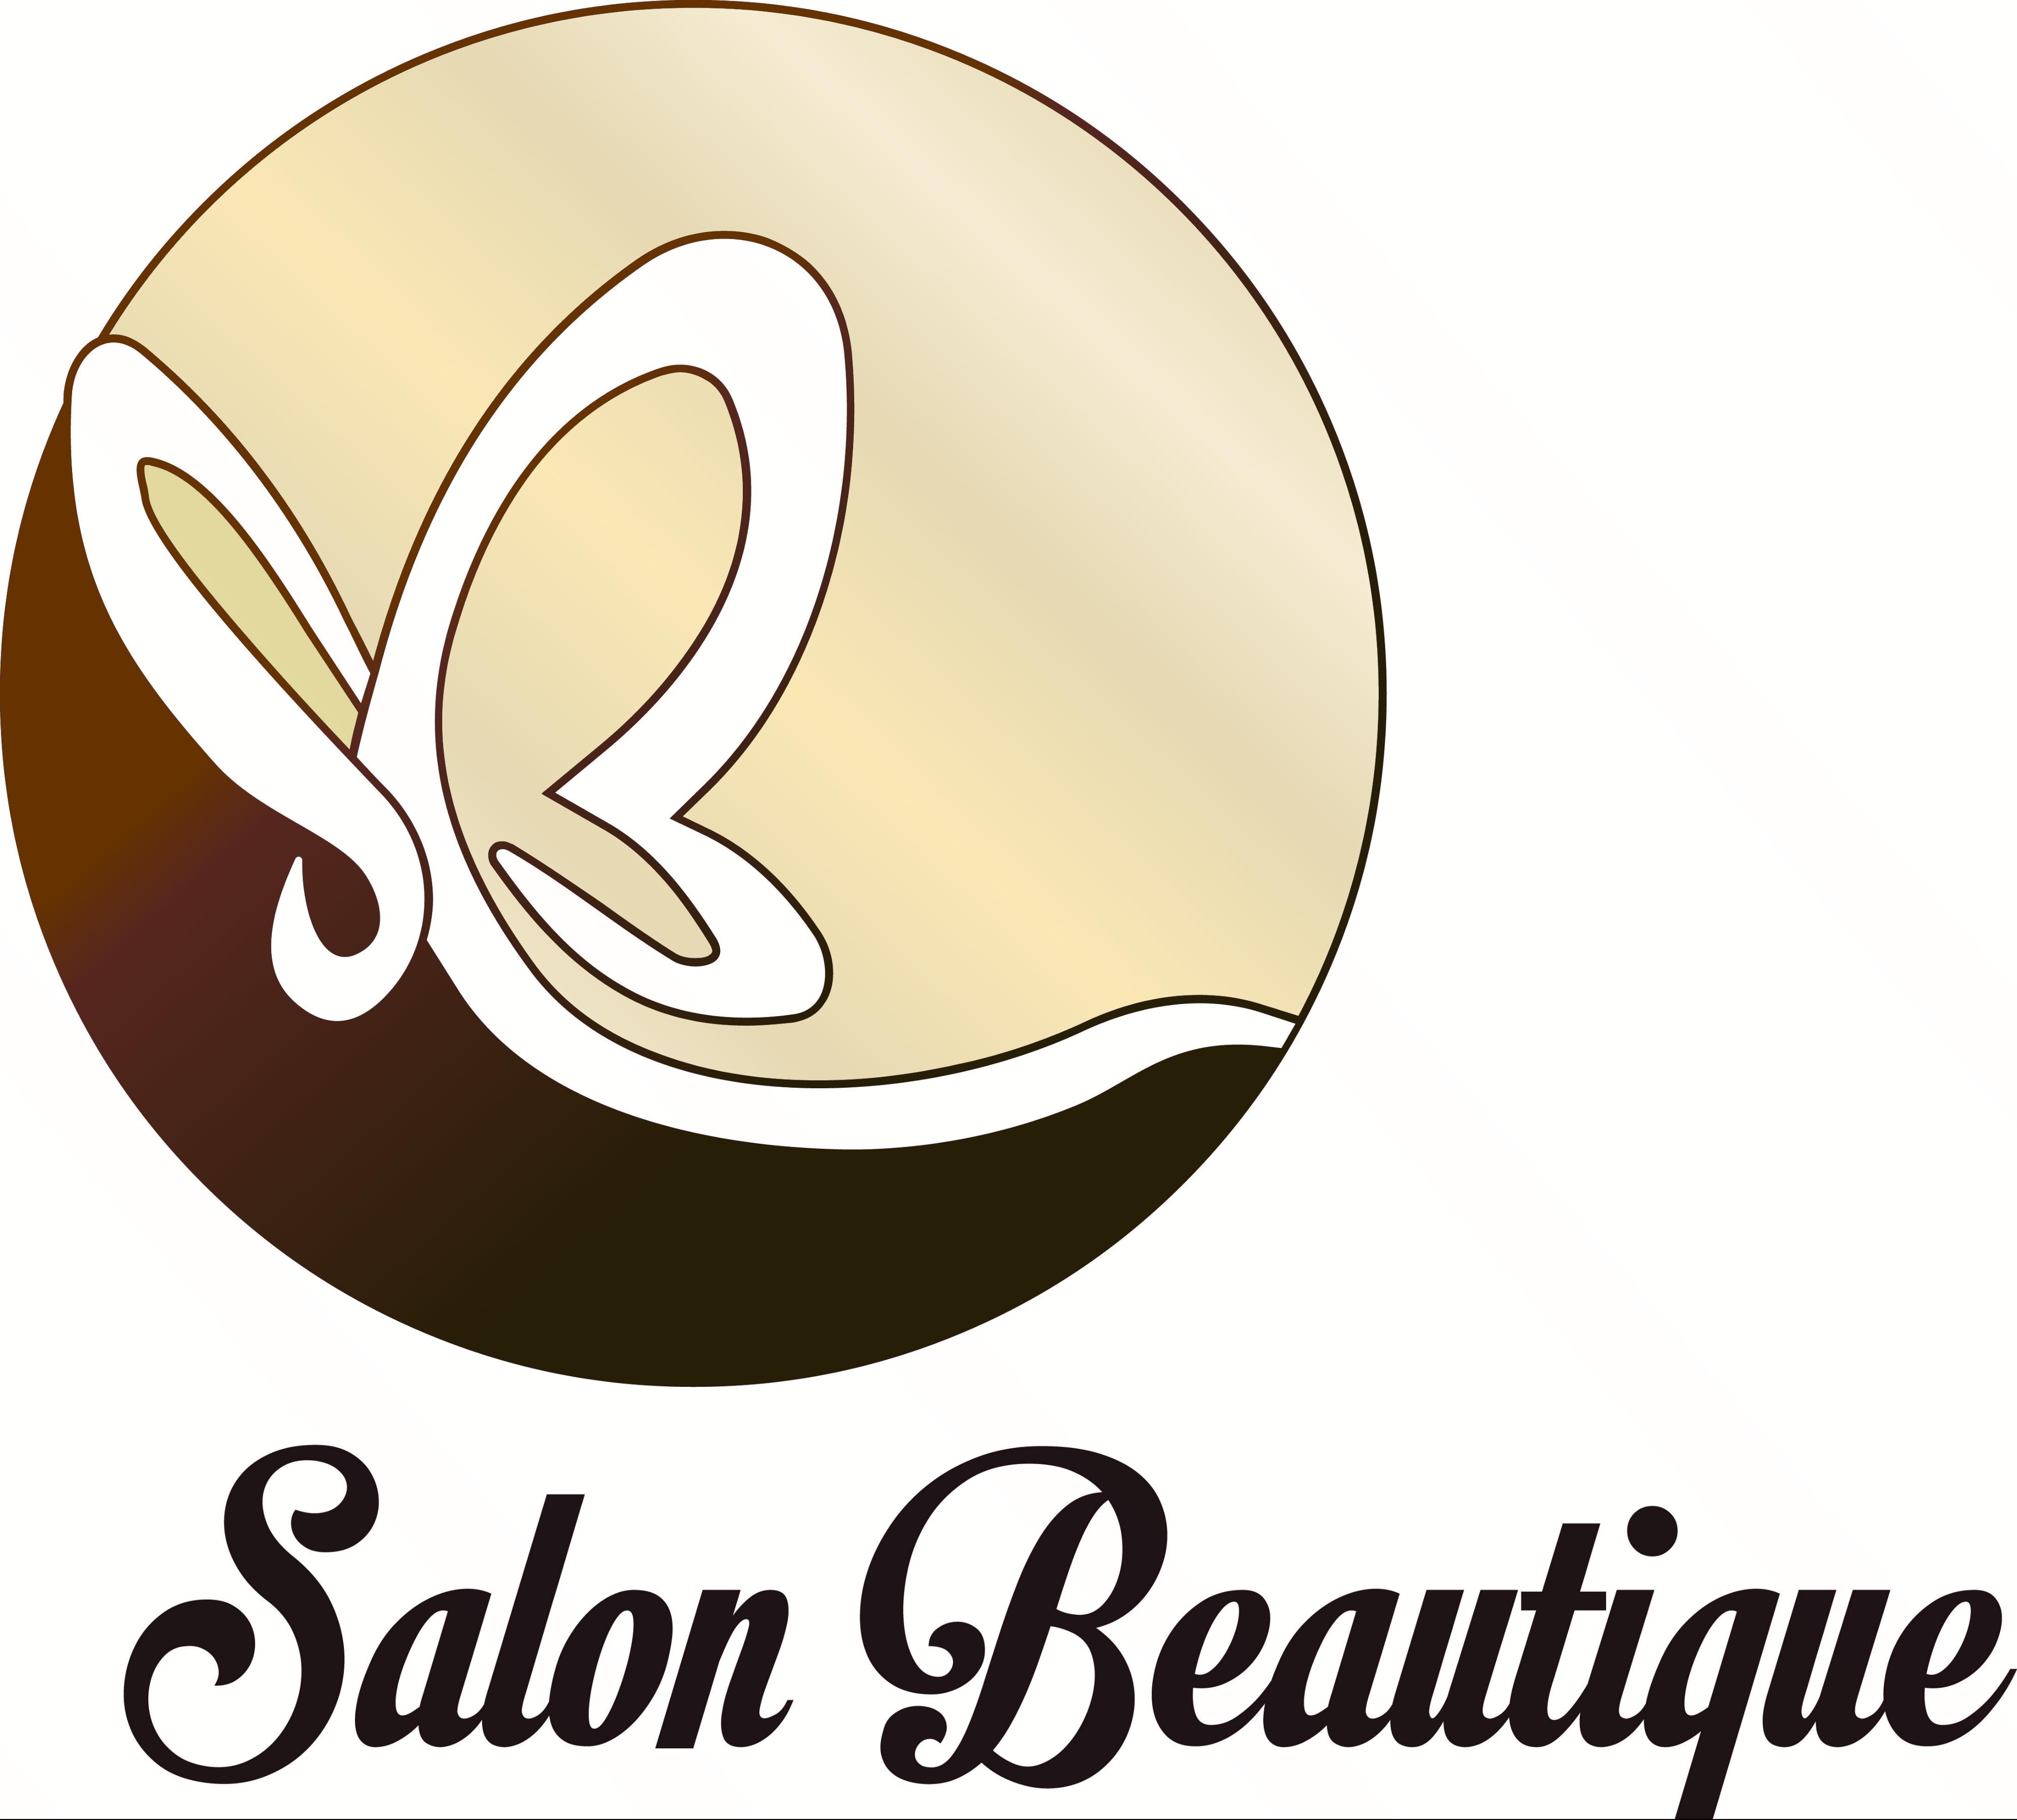 Salon Beautique